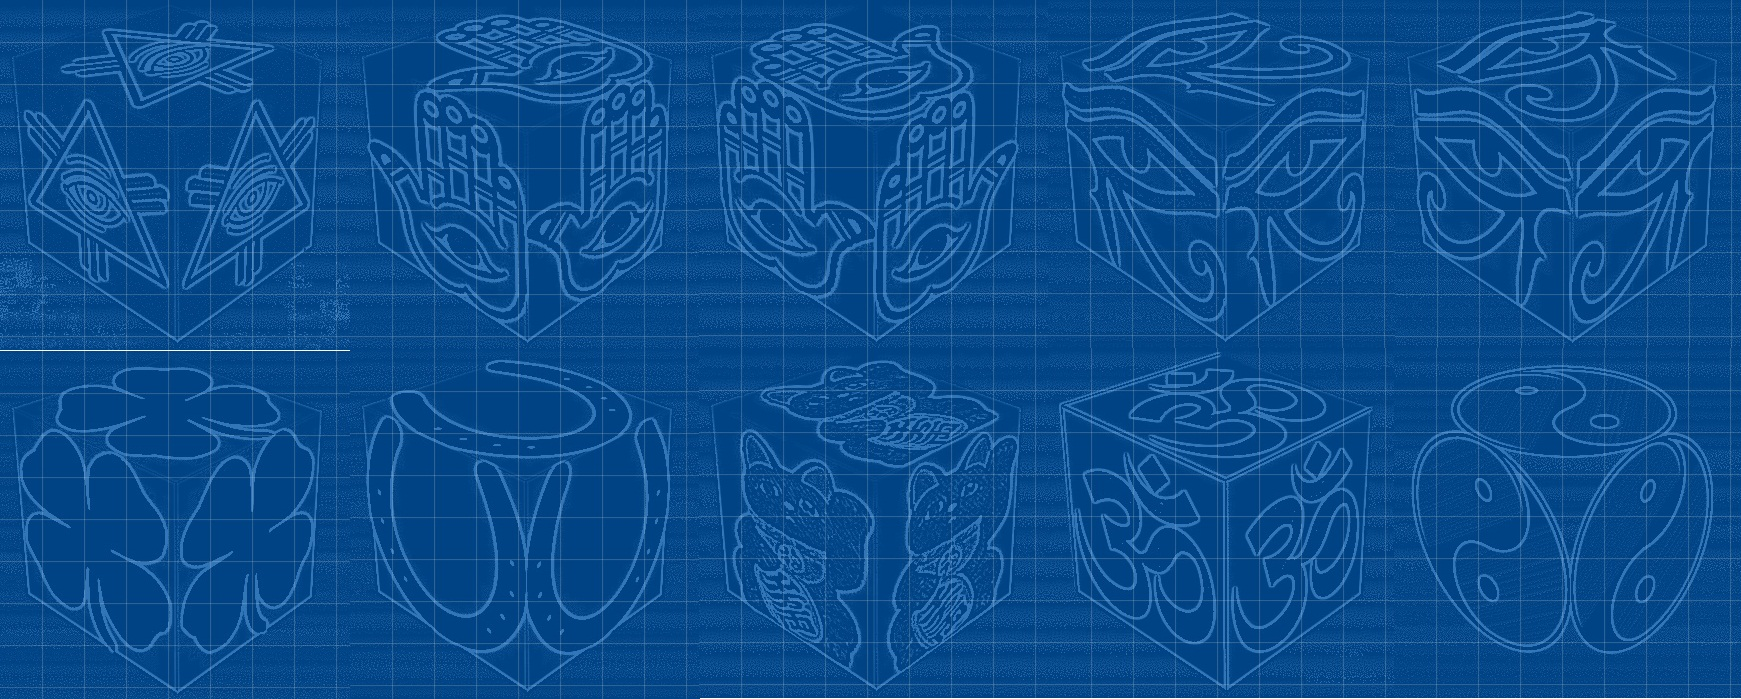 cube, 3d cube, lucky dice, luck symbols, Blueprint Eye of Fatima, Blueprint Eye of Providence, Blueprint Four Leaf Clover, Blueprint Horseshoe, Blueprint Maneki Neko, mandala